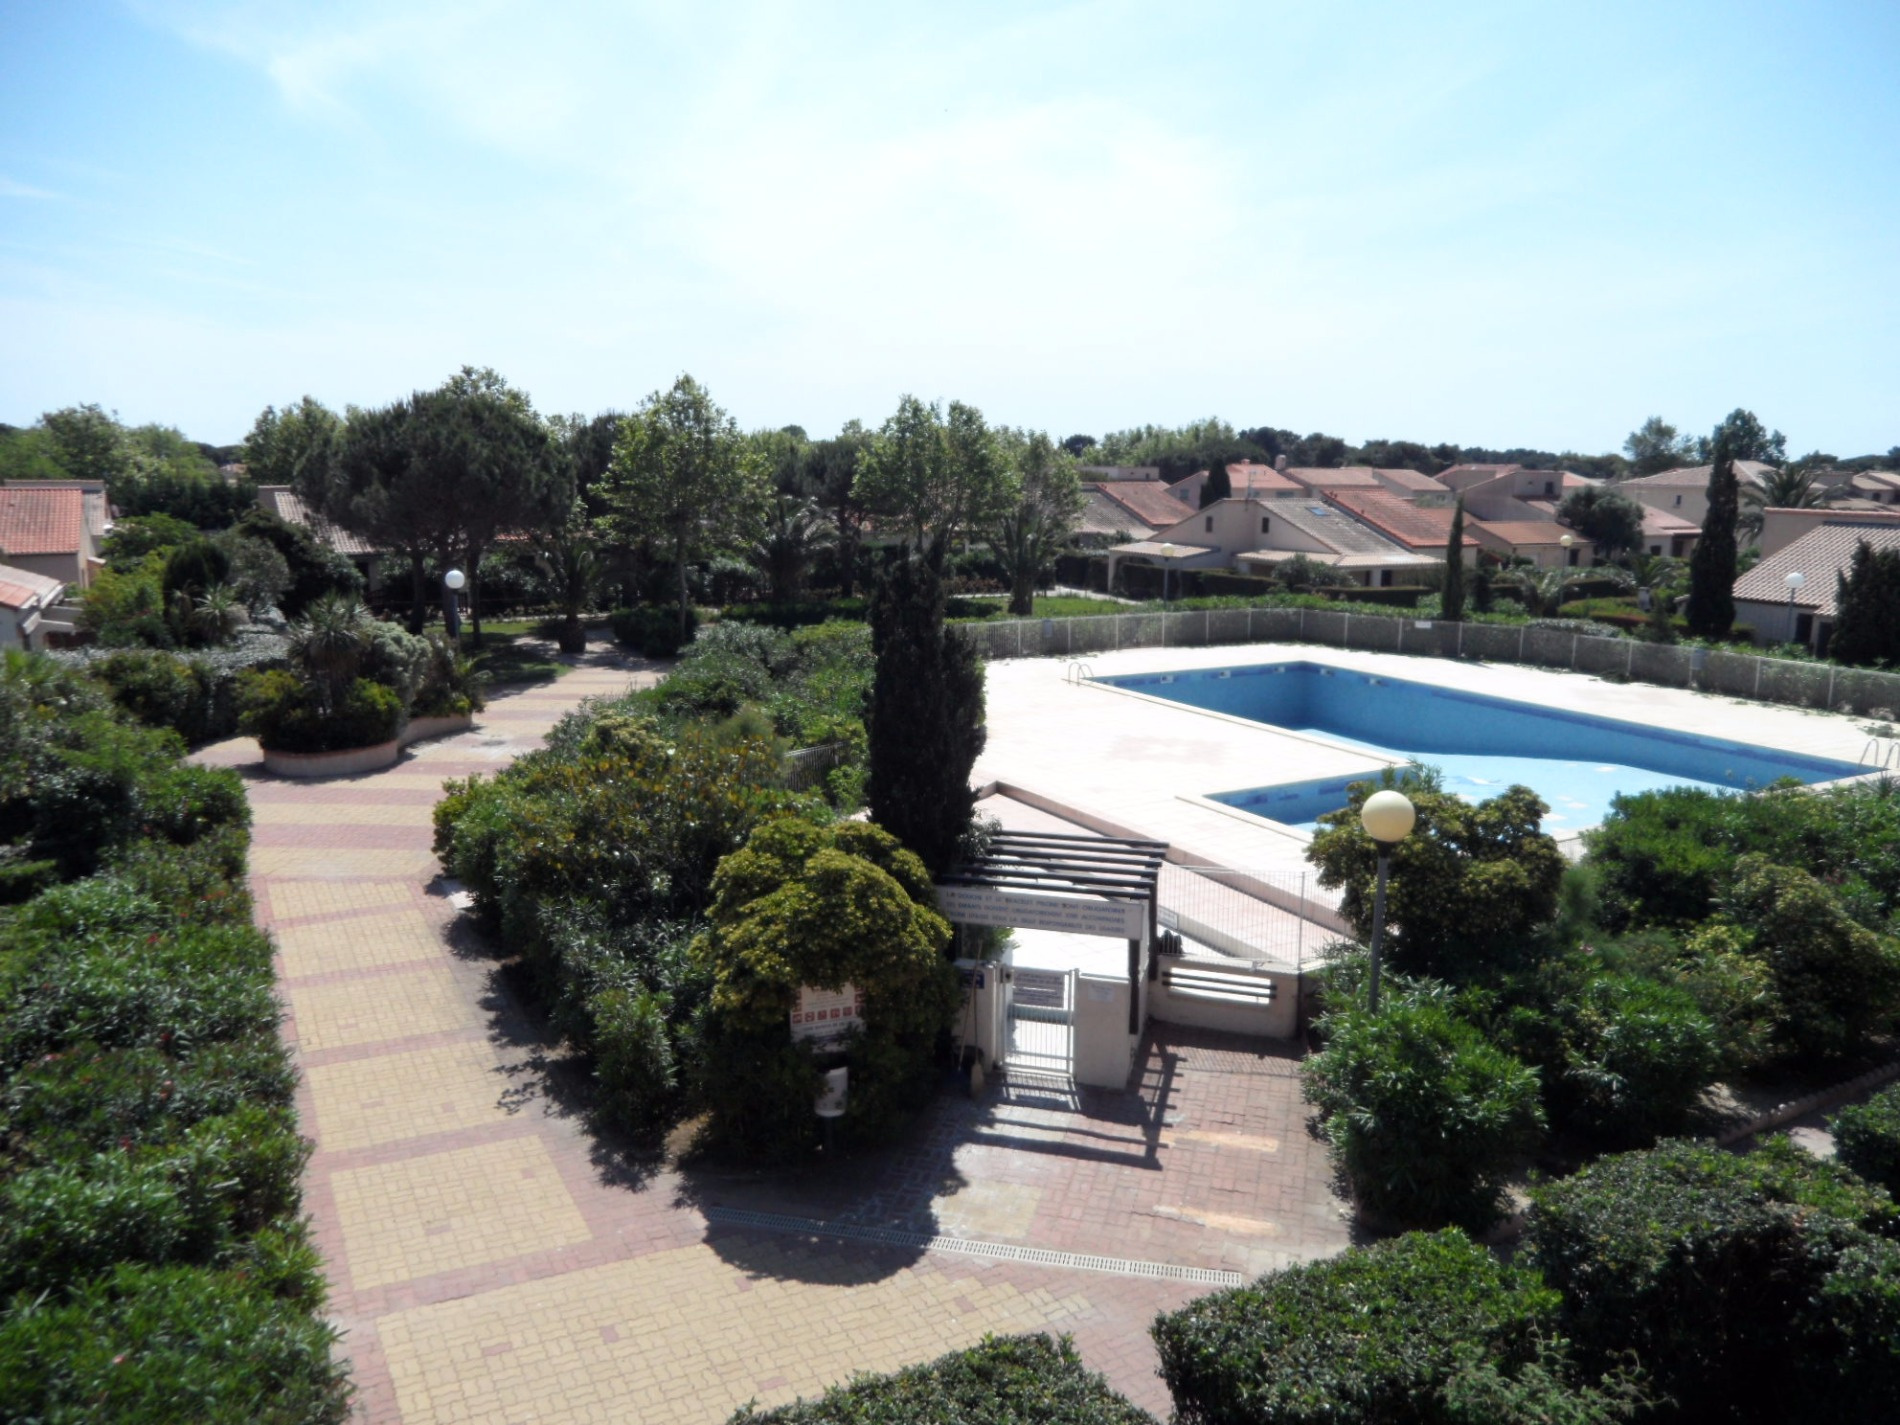 Offres locations vacances maison dans r sidence avec piscine for Residence vacances avec piscine